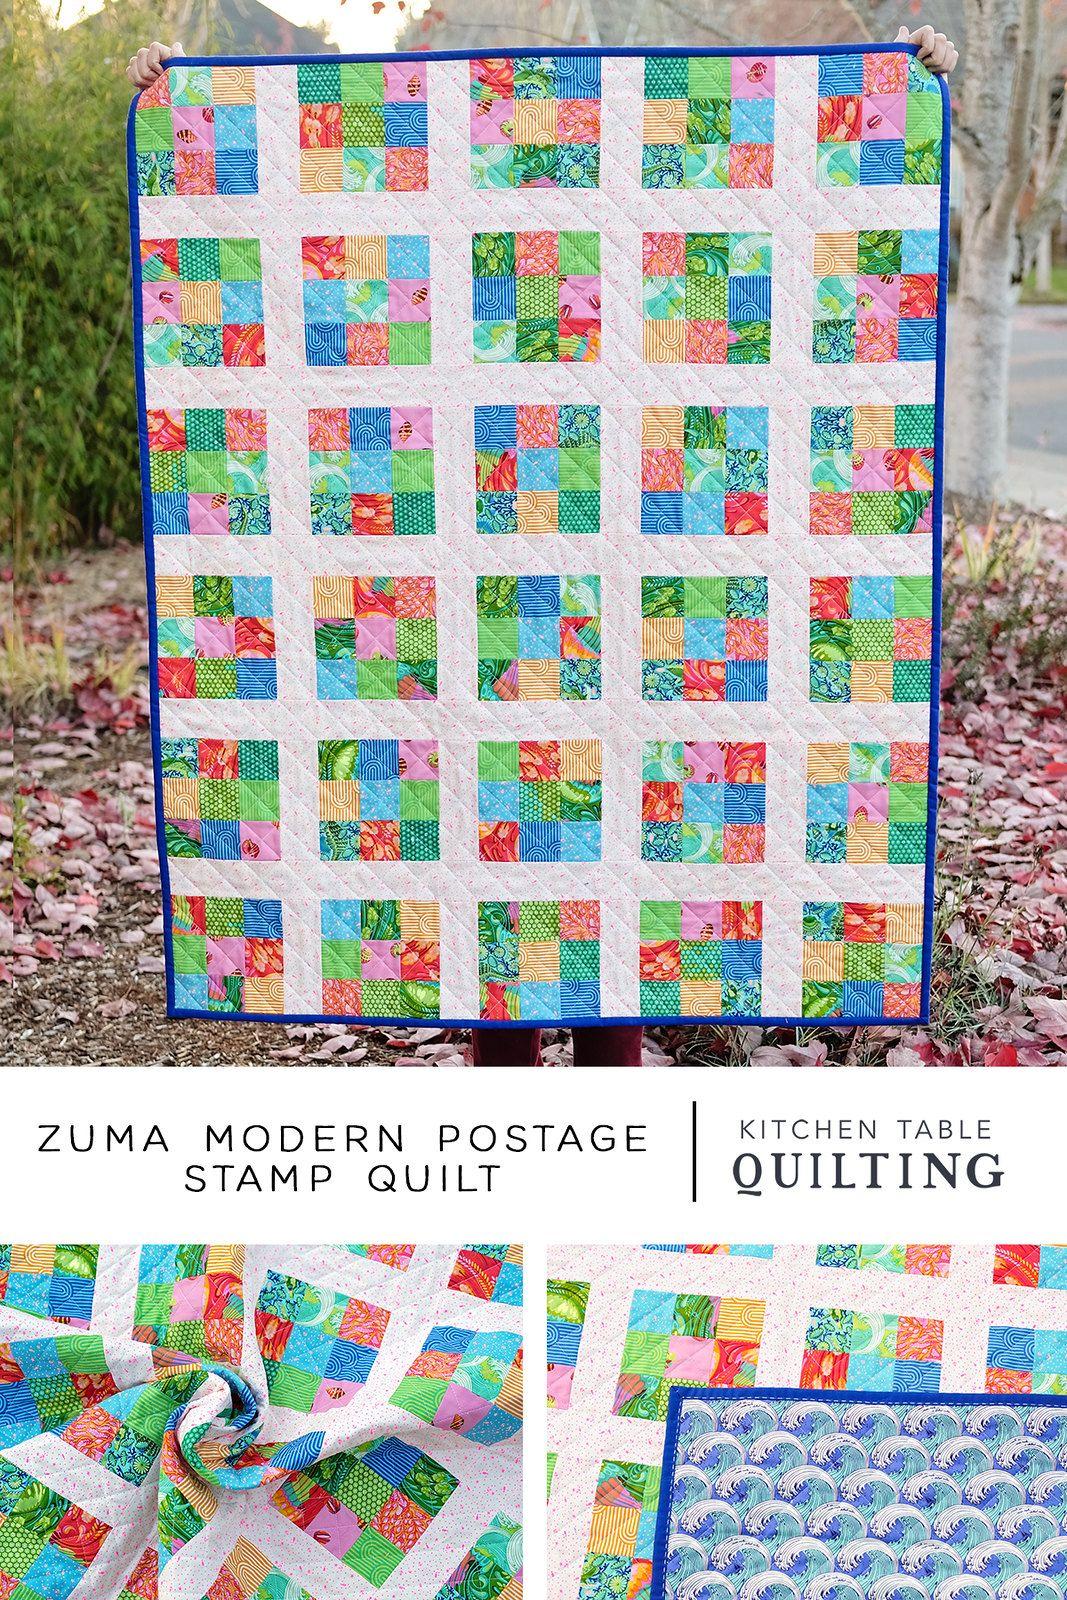 Zuma Modern Postage Stamp Quilt